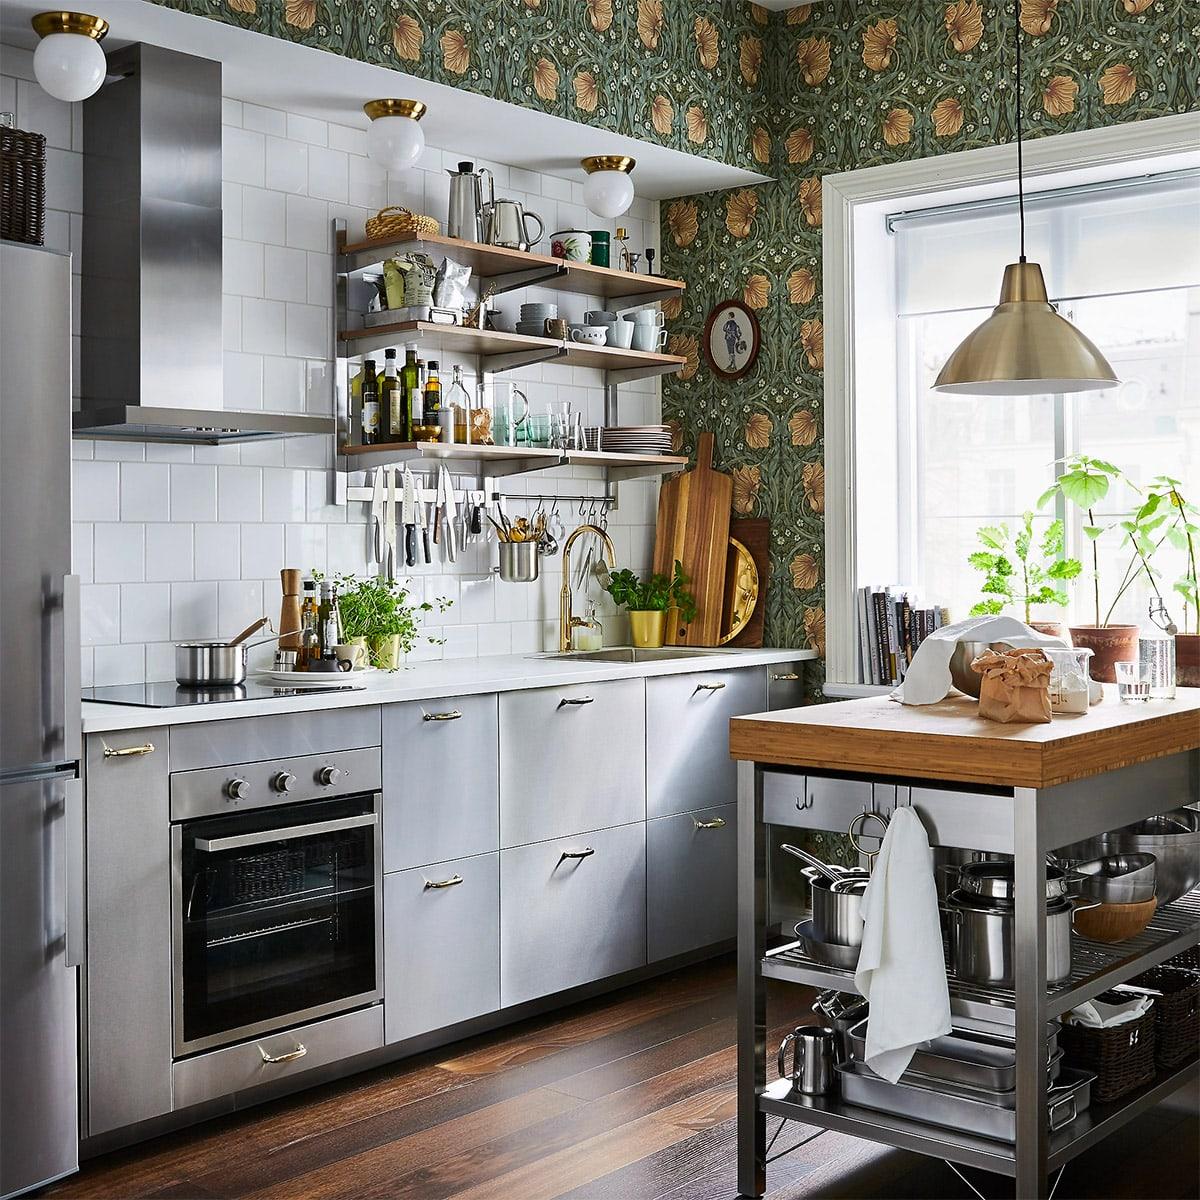 sử dụng giấy dáng tường để trang trí nhà bếp